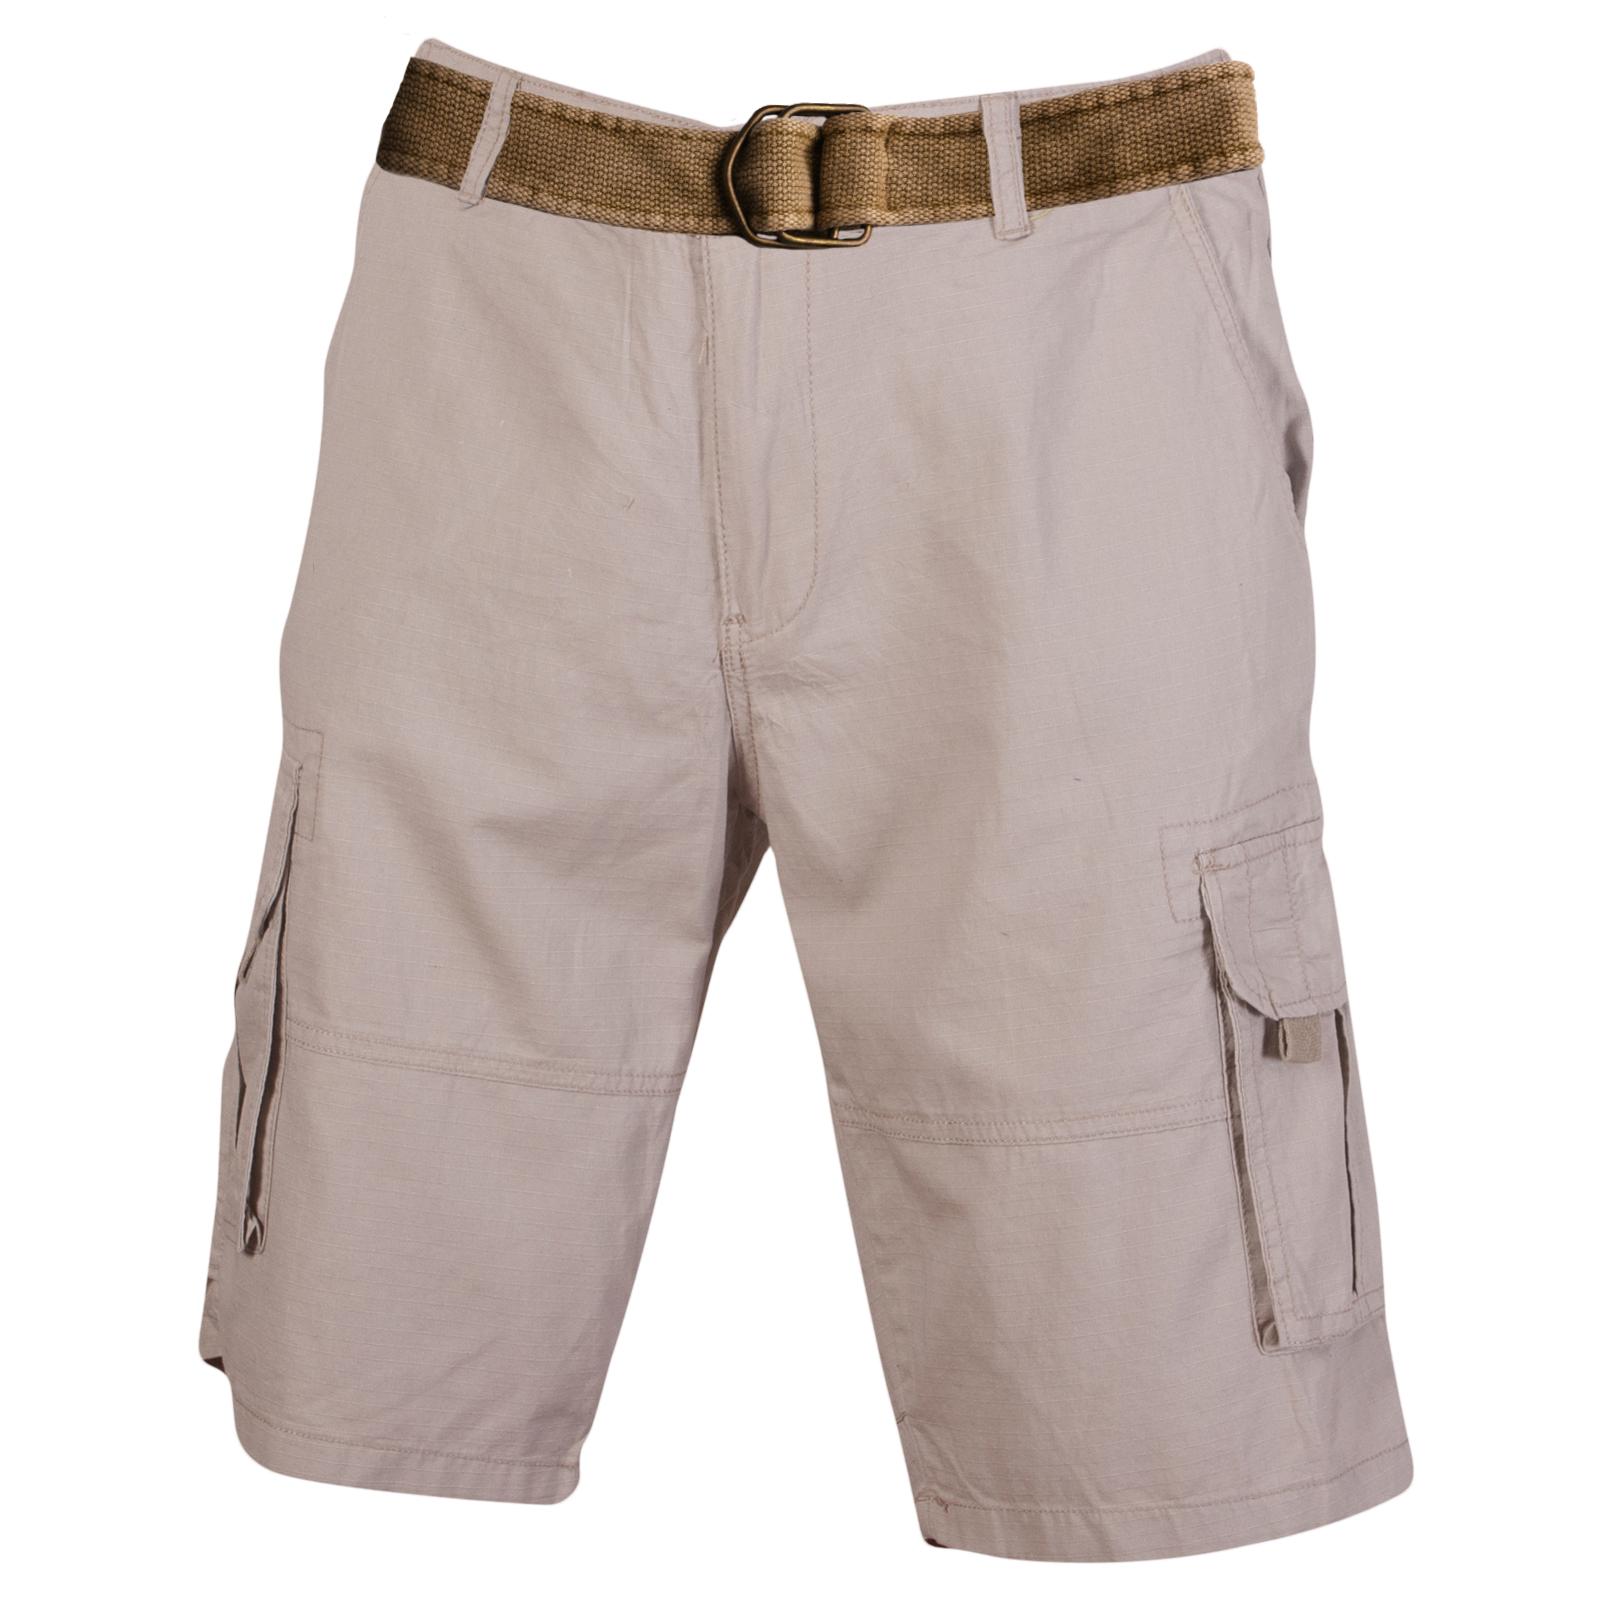 Мужские классические шорты - купить по выгодной цене